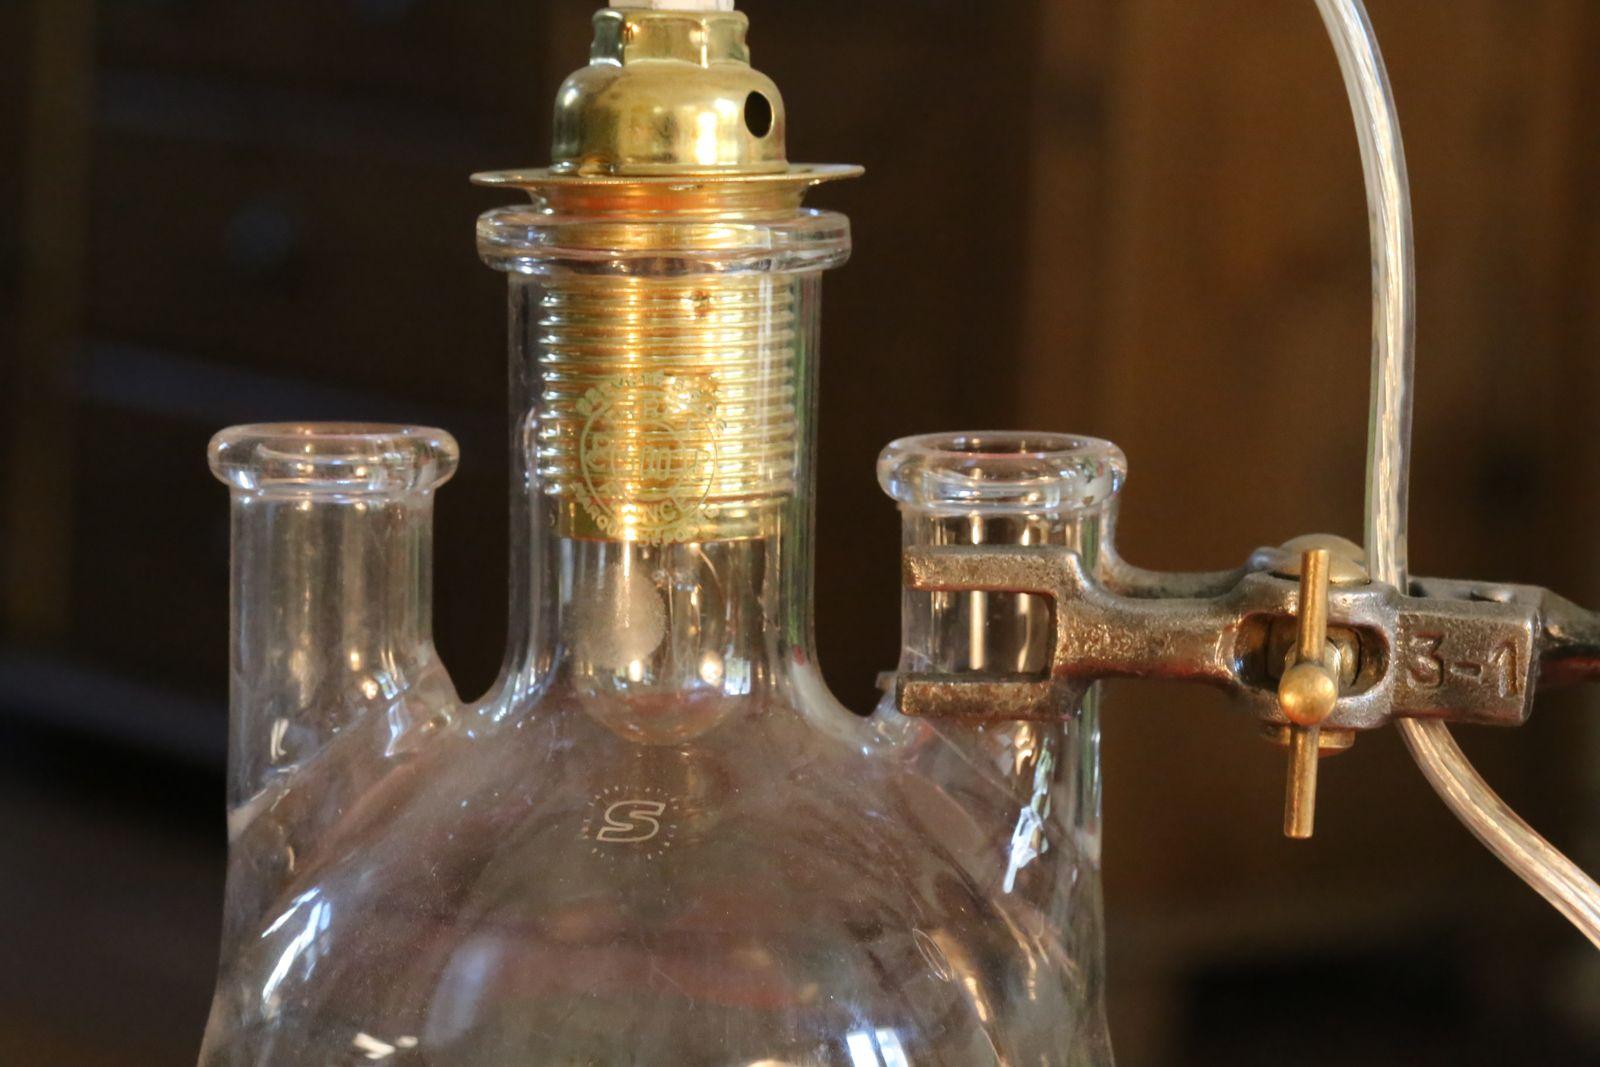 Création d'un luminaire unique à partir d'ustensiles de laboratoire de chimie